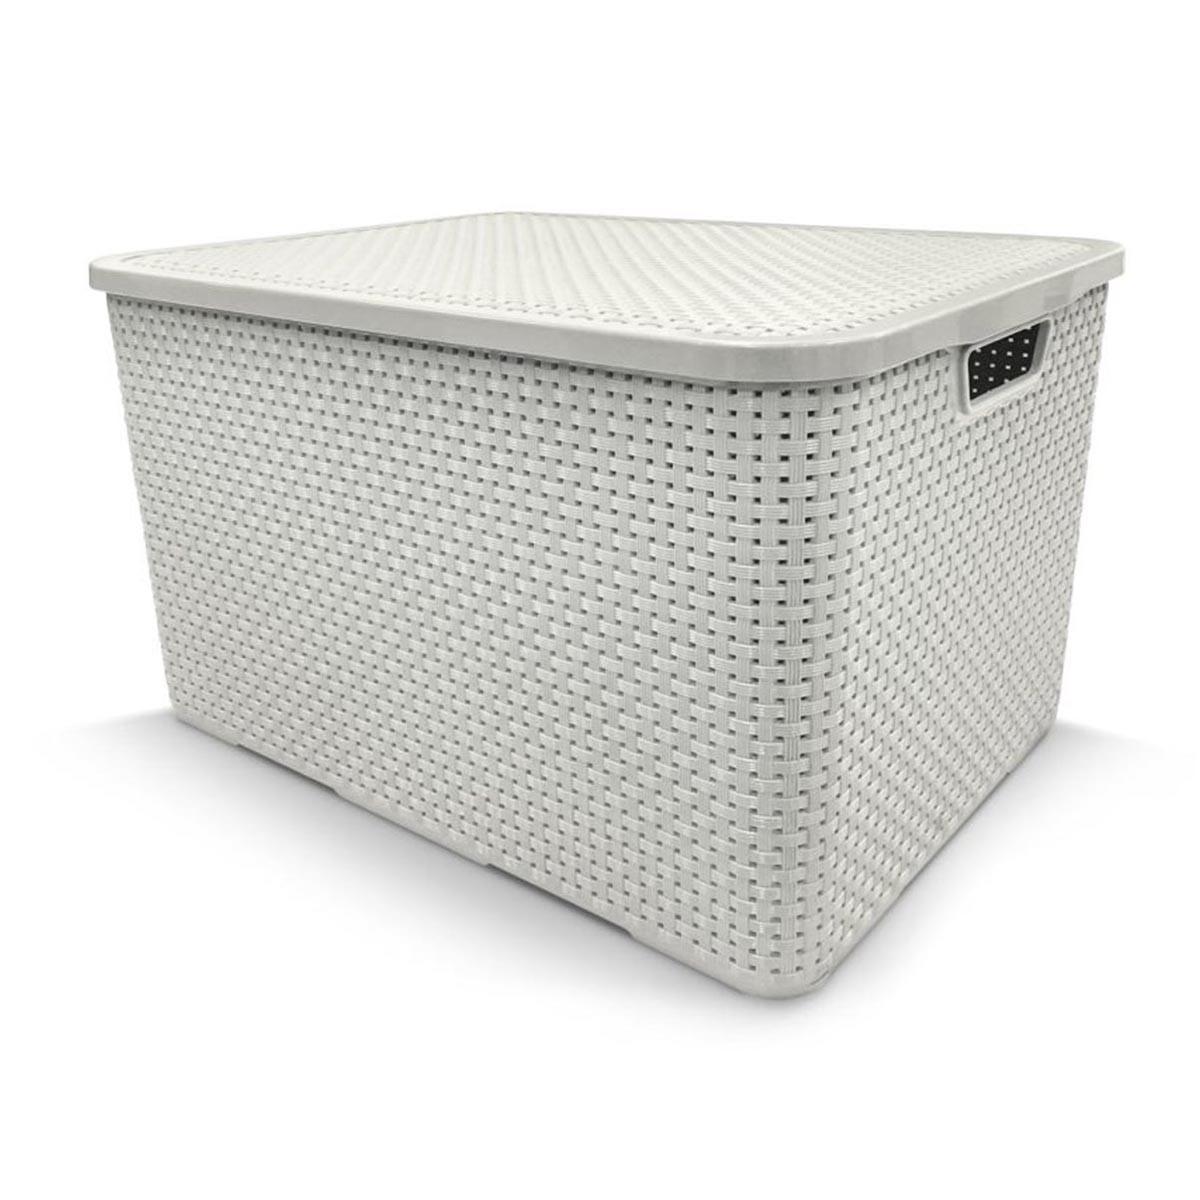 KIT 3 Caixa Organizadora Plástica Branca Cesto Rattan 15Litros